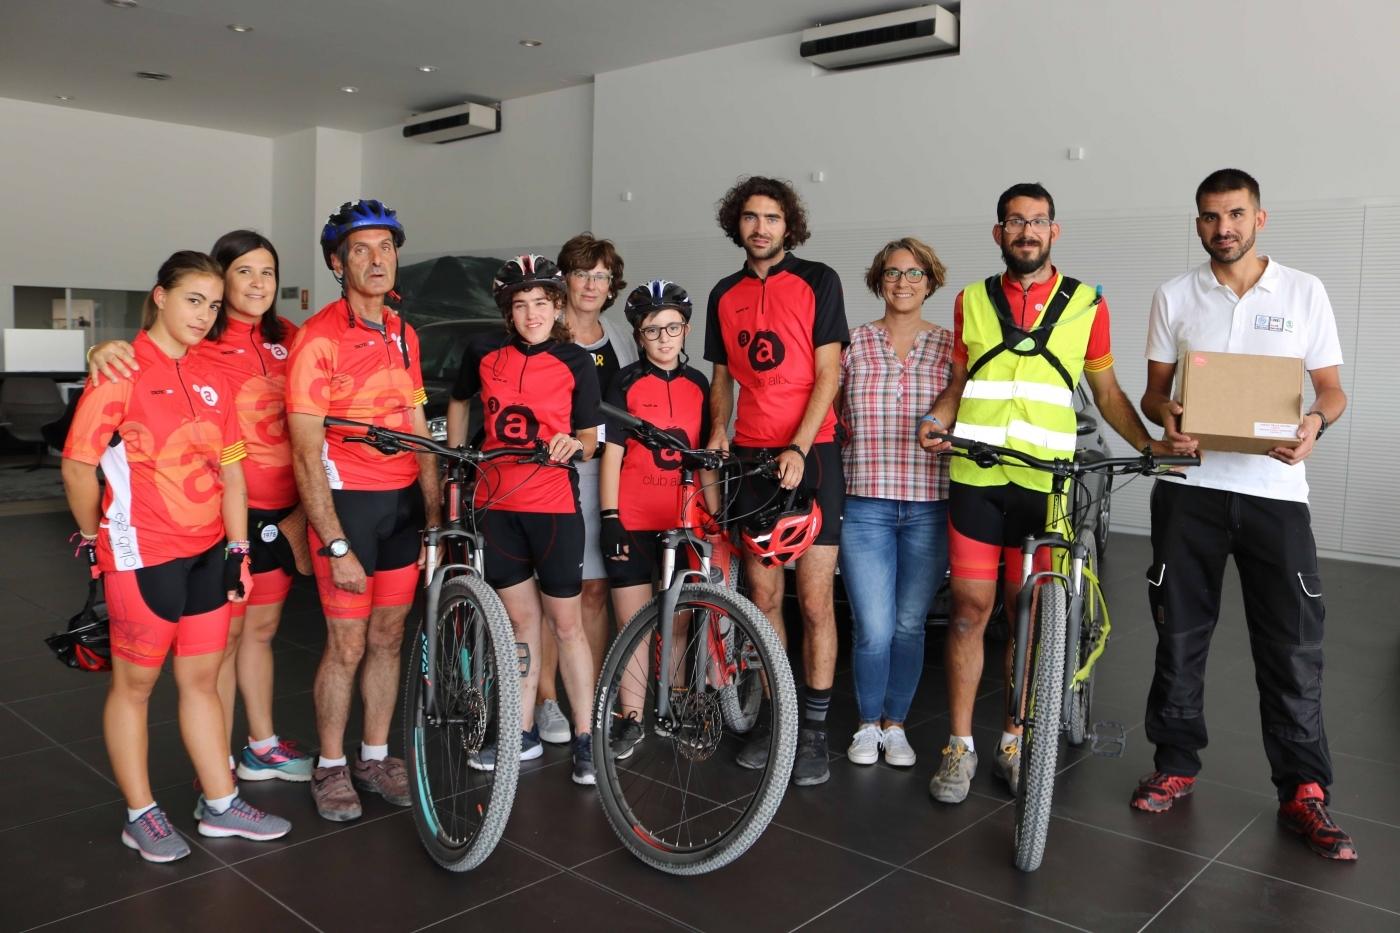 L'empresa Servisimó de Tàrrega fa una donació de 3 bicicletes pel Club Ciclista Alba.